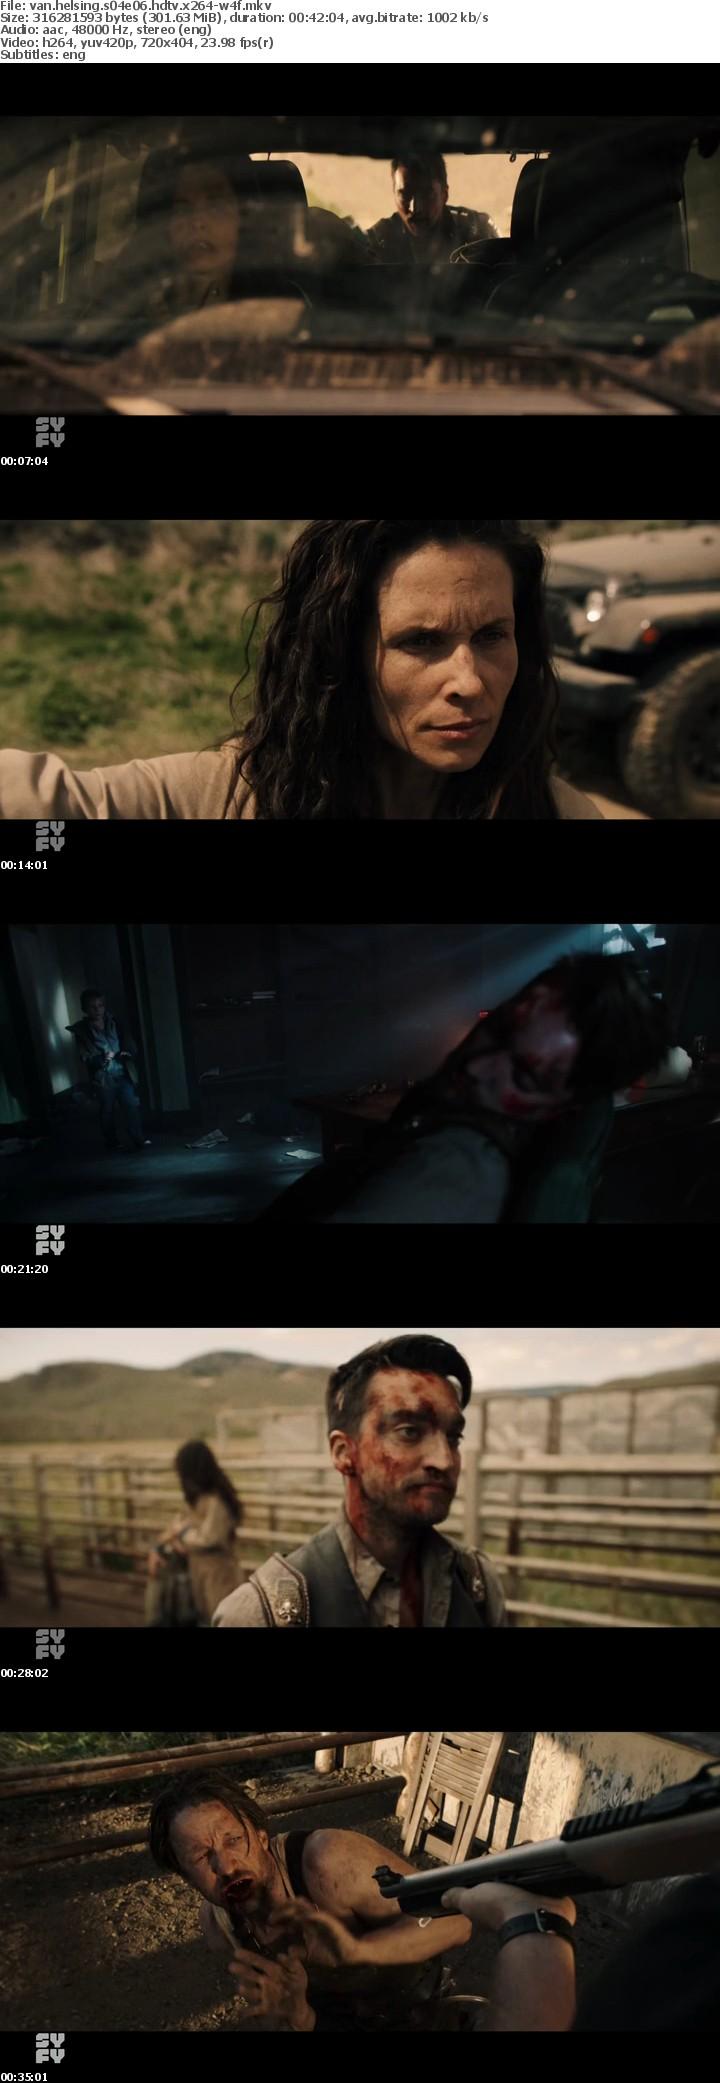 Van Helsing S04E06 HDTV x264-W4F